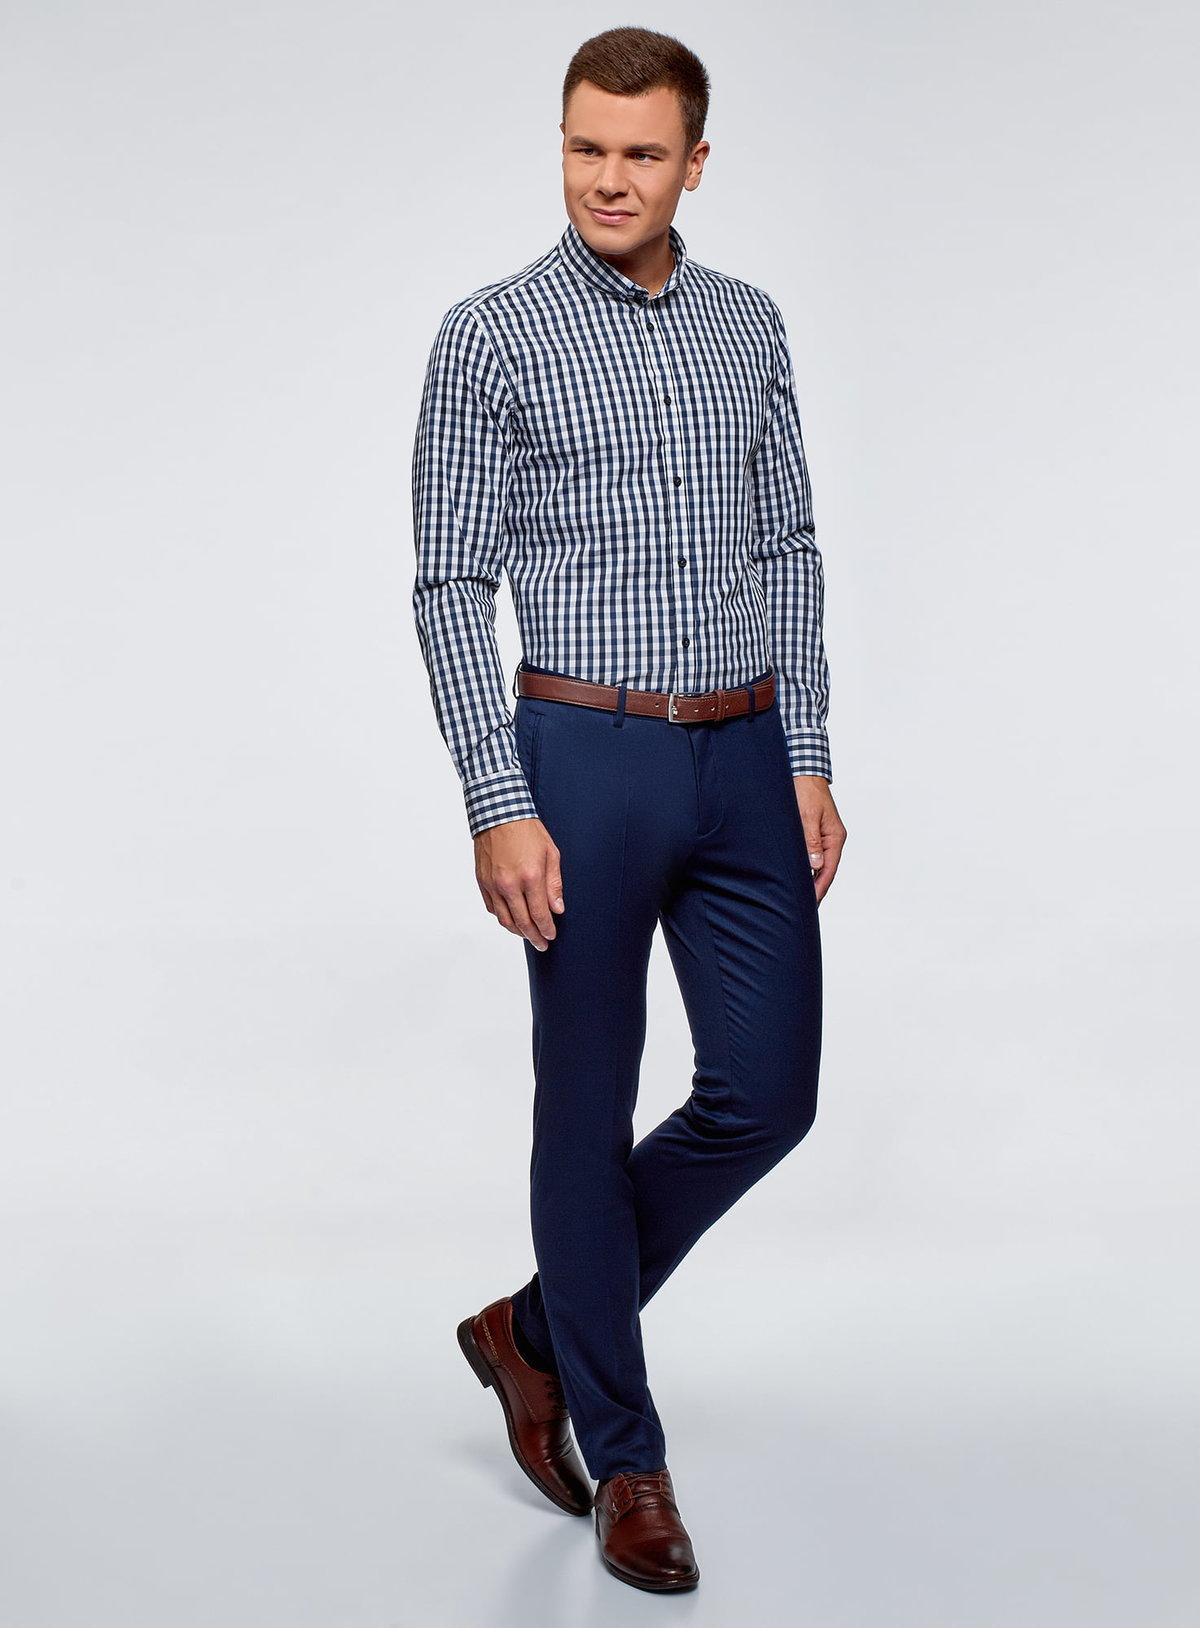 соседнем помещении какую рубашку подобрать к синим брюкам фото протяжении